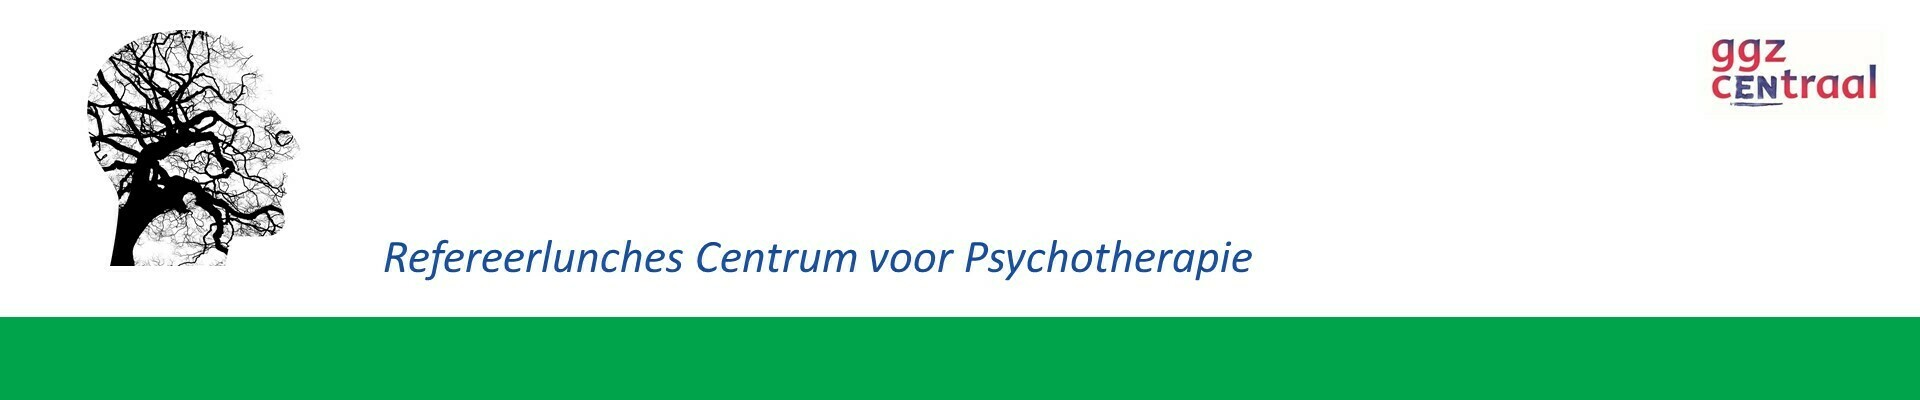 Refereerlunch Centrum voor Psychotherapie 5 oktober